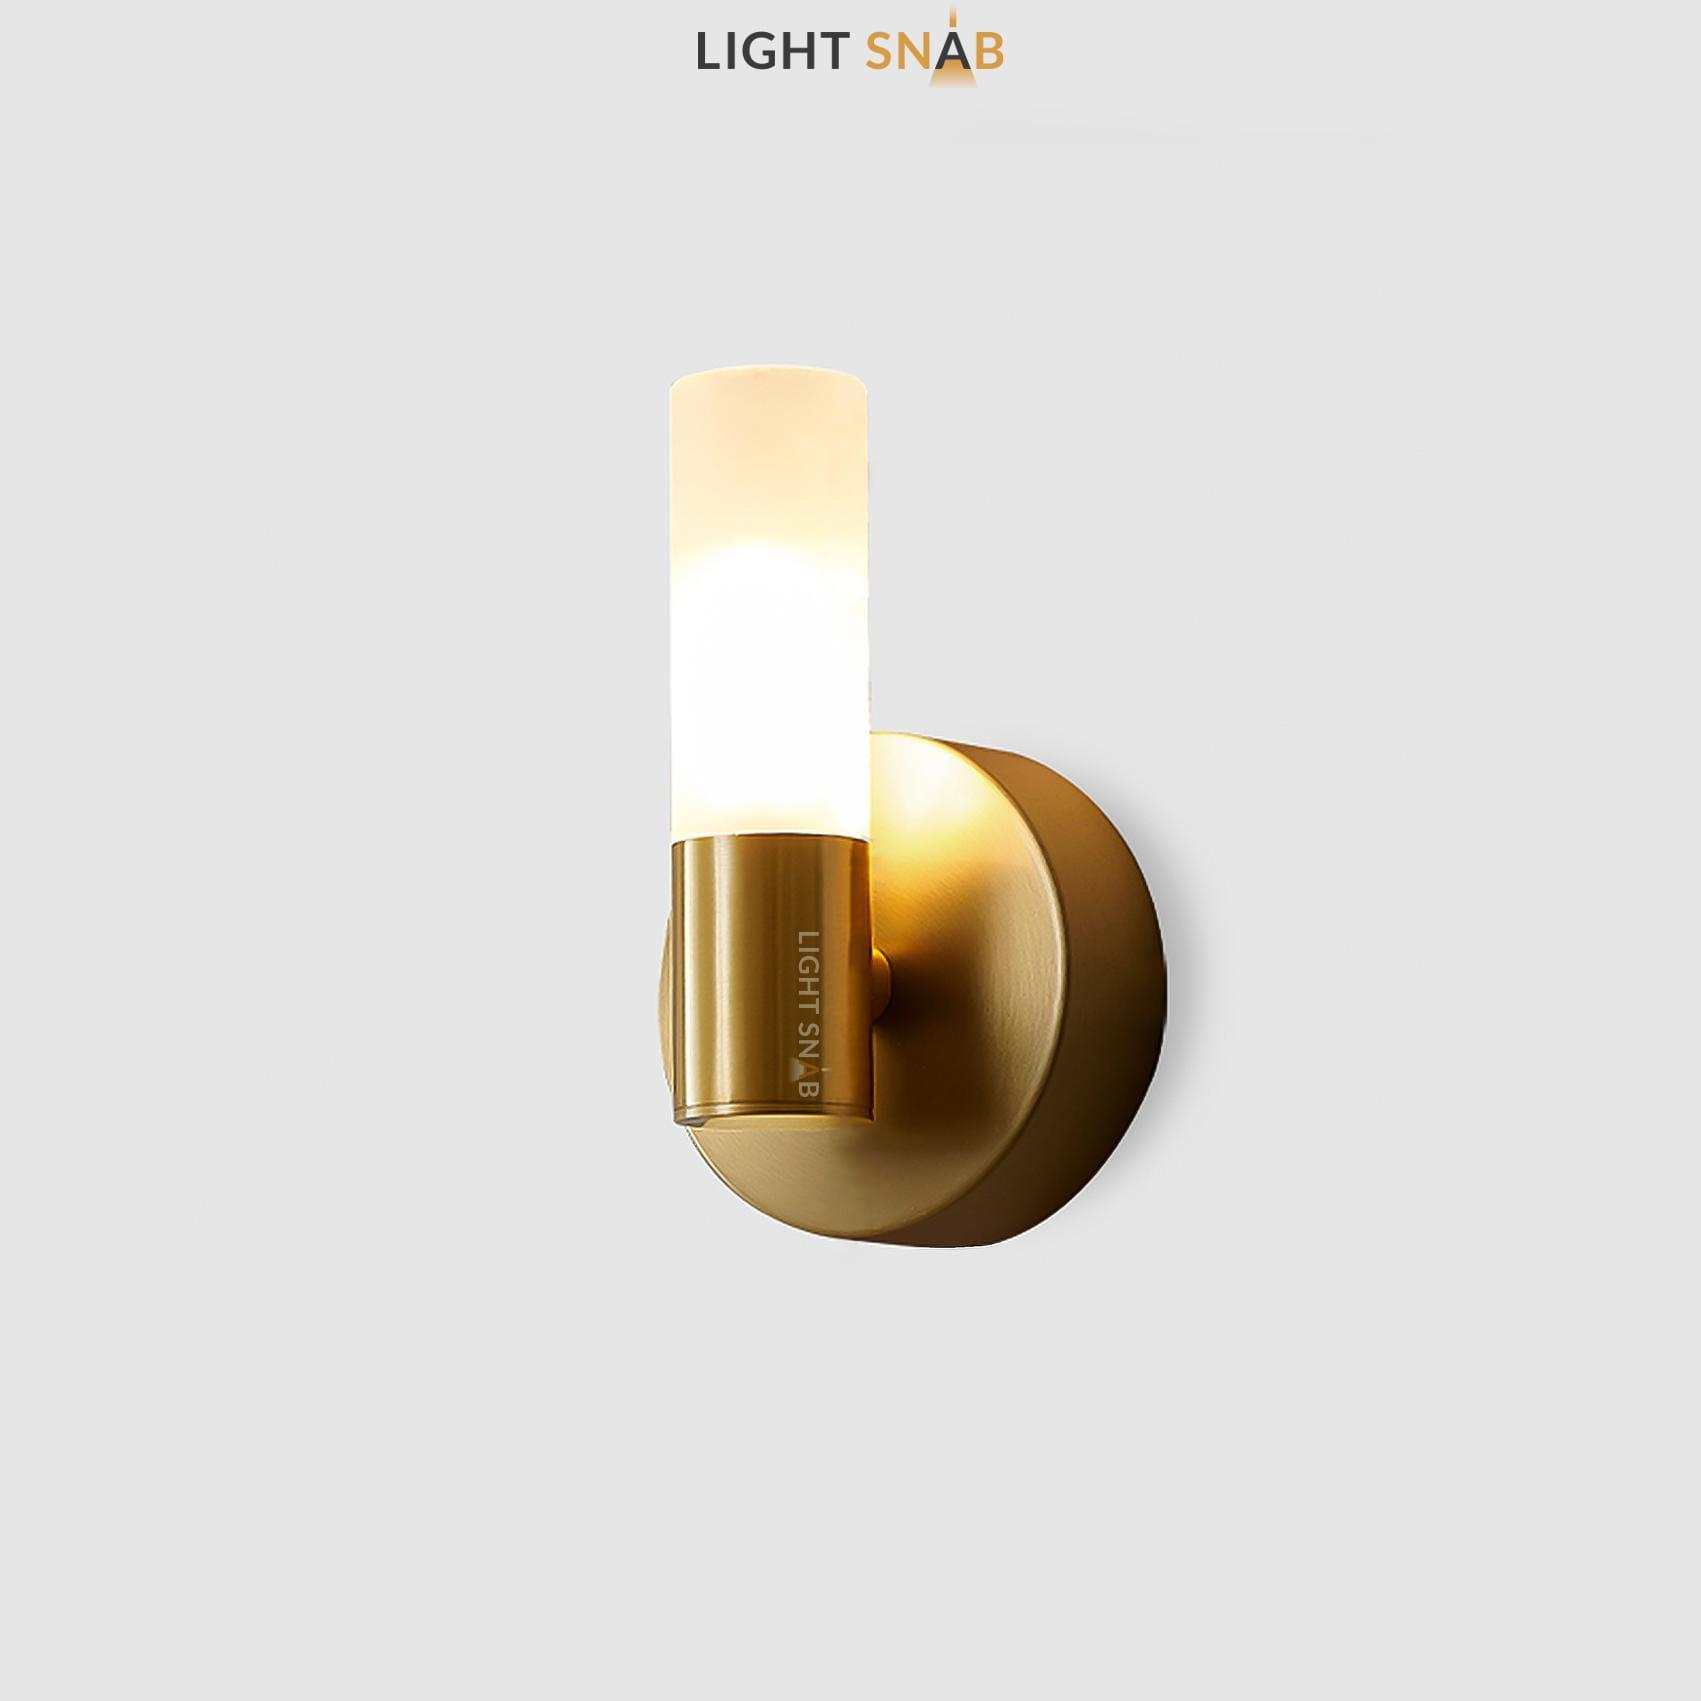 Настенный светильник Trim размер S